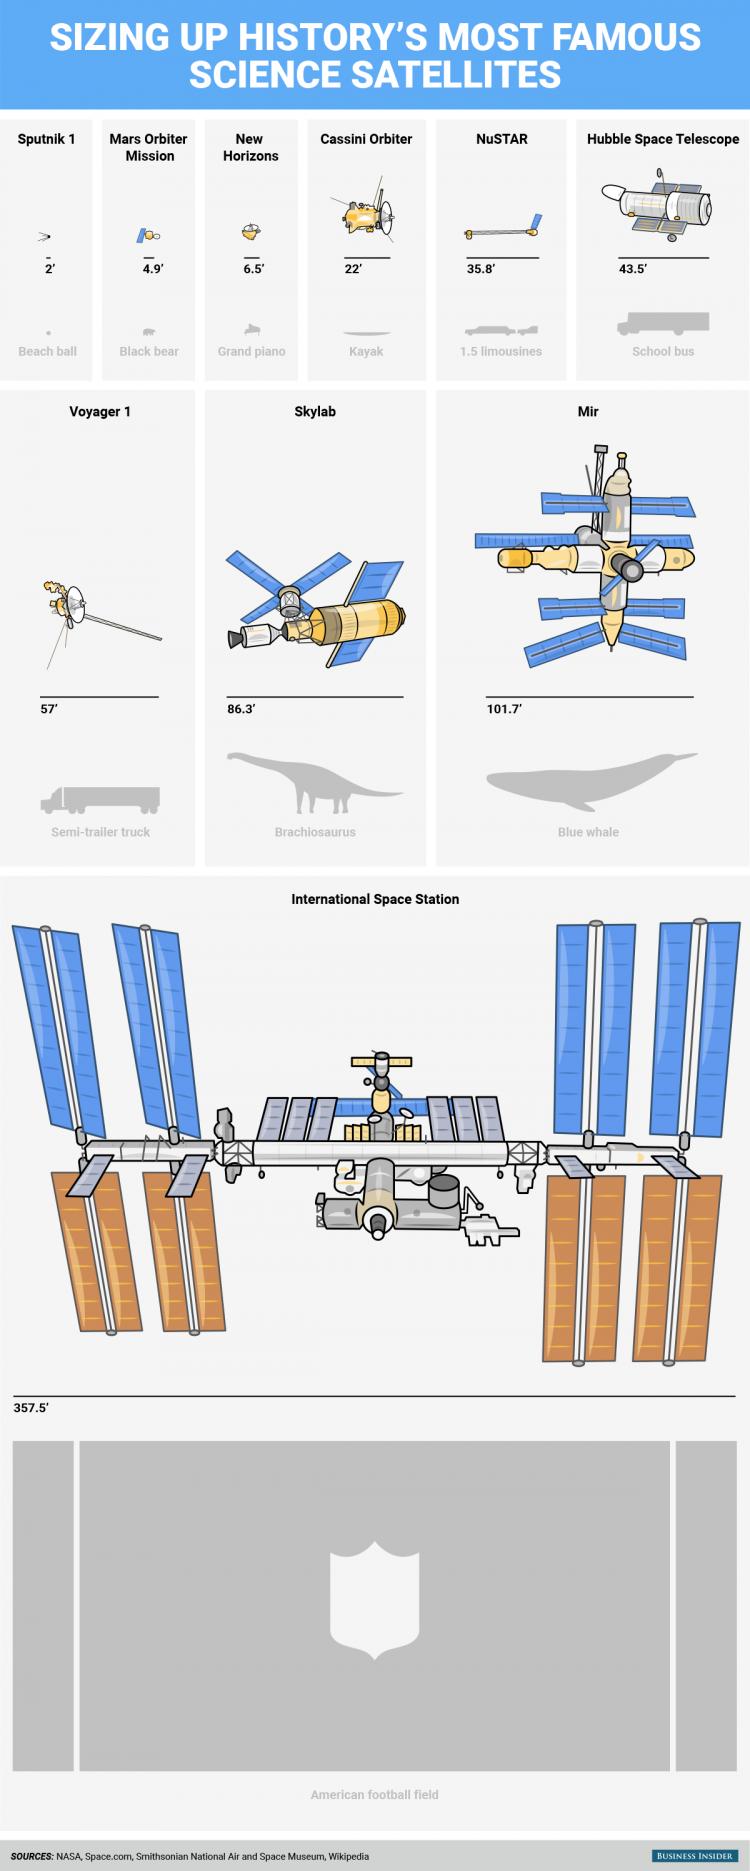 Историски најпознатите научни сателити имаат еволуирано до џиновски пропорции